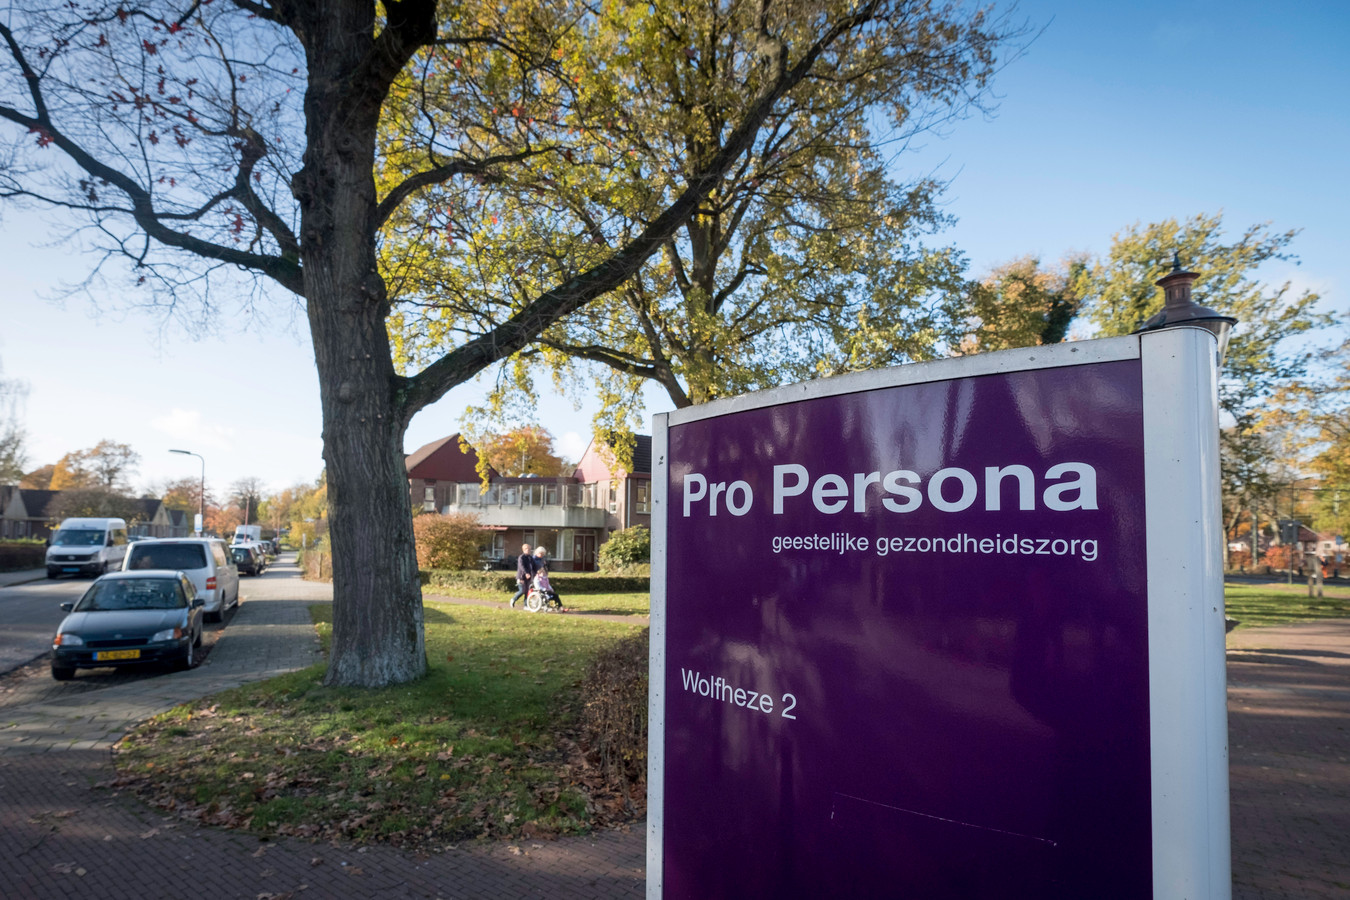 Het terrein van Pro Persona in Wolfheze.